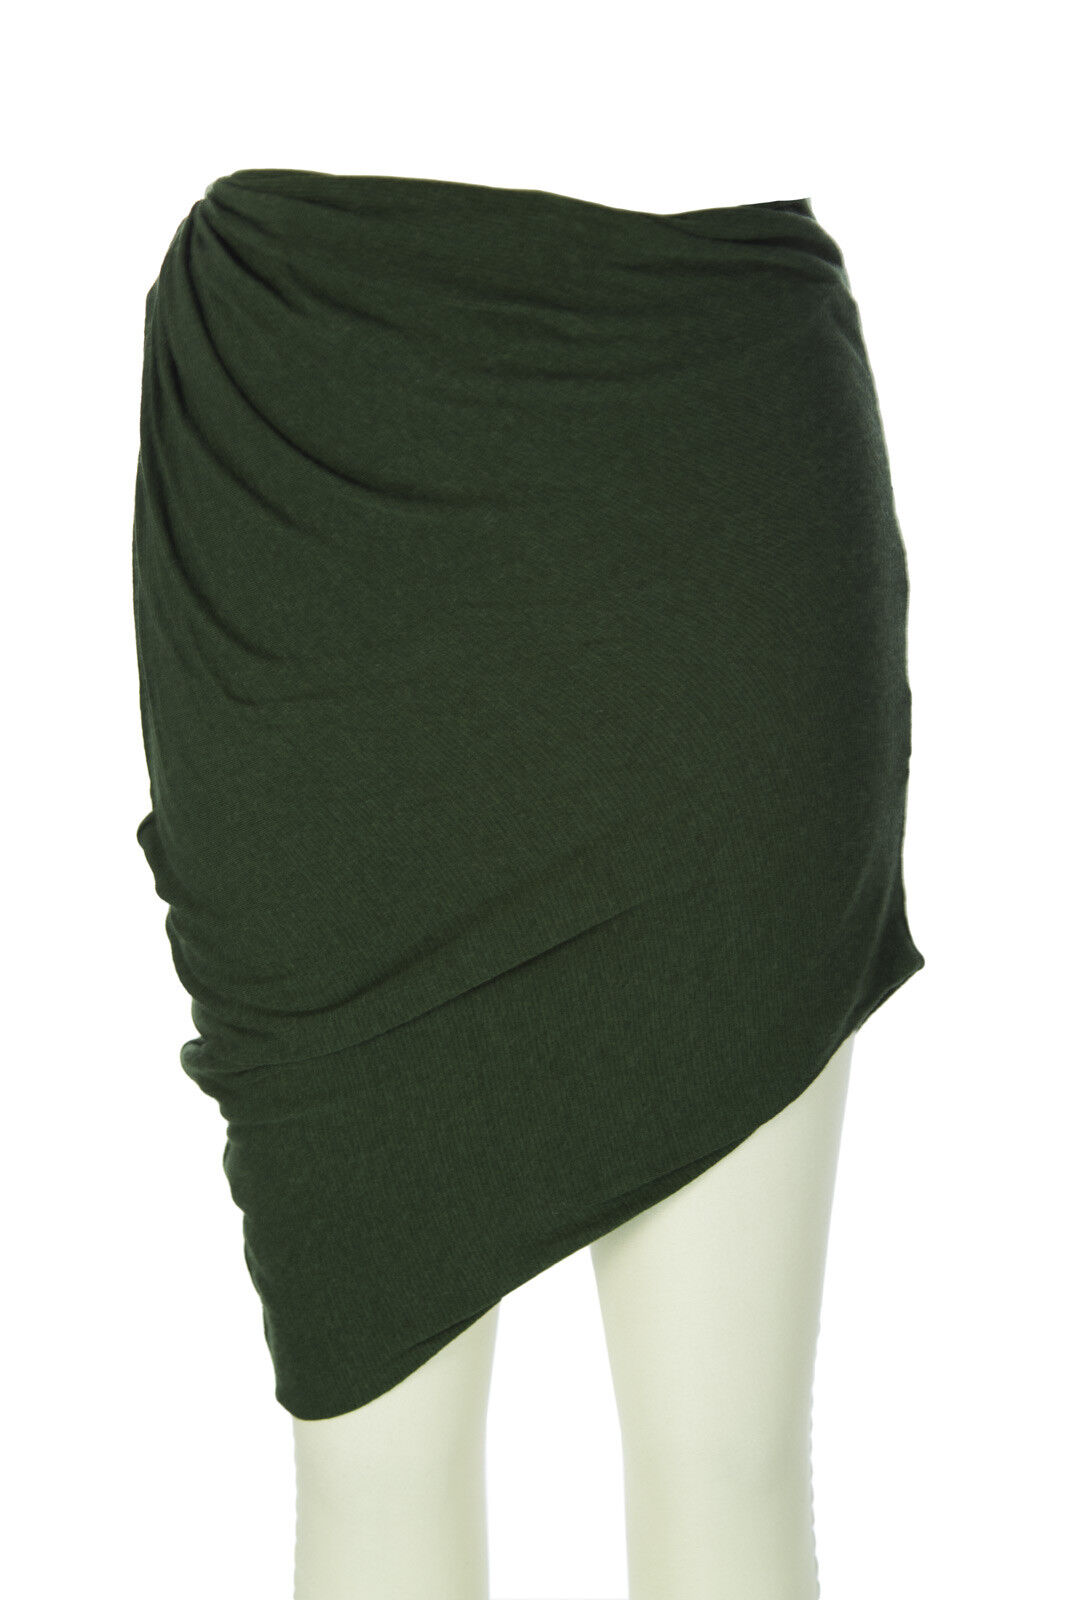 SURFACE TO AIR Women's Bottle Green Drop Skirt NEW